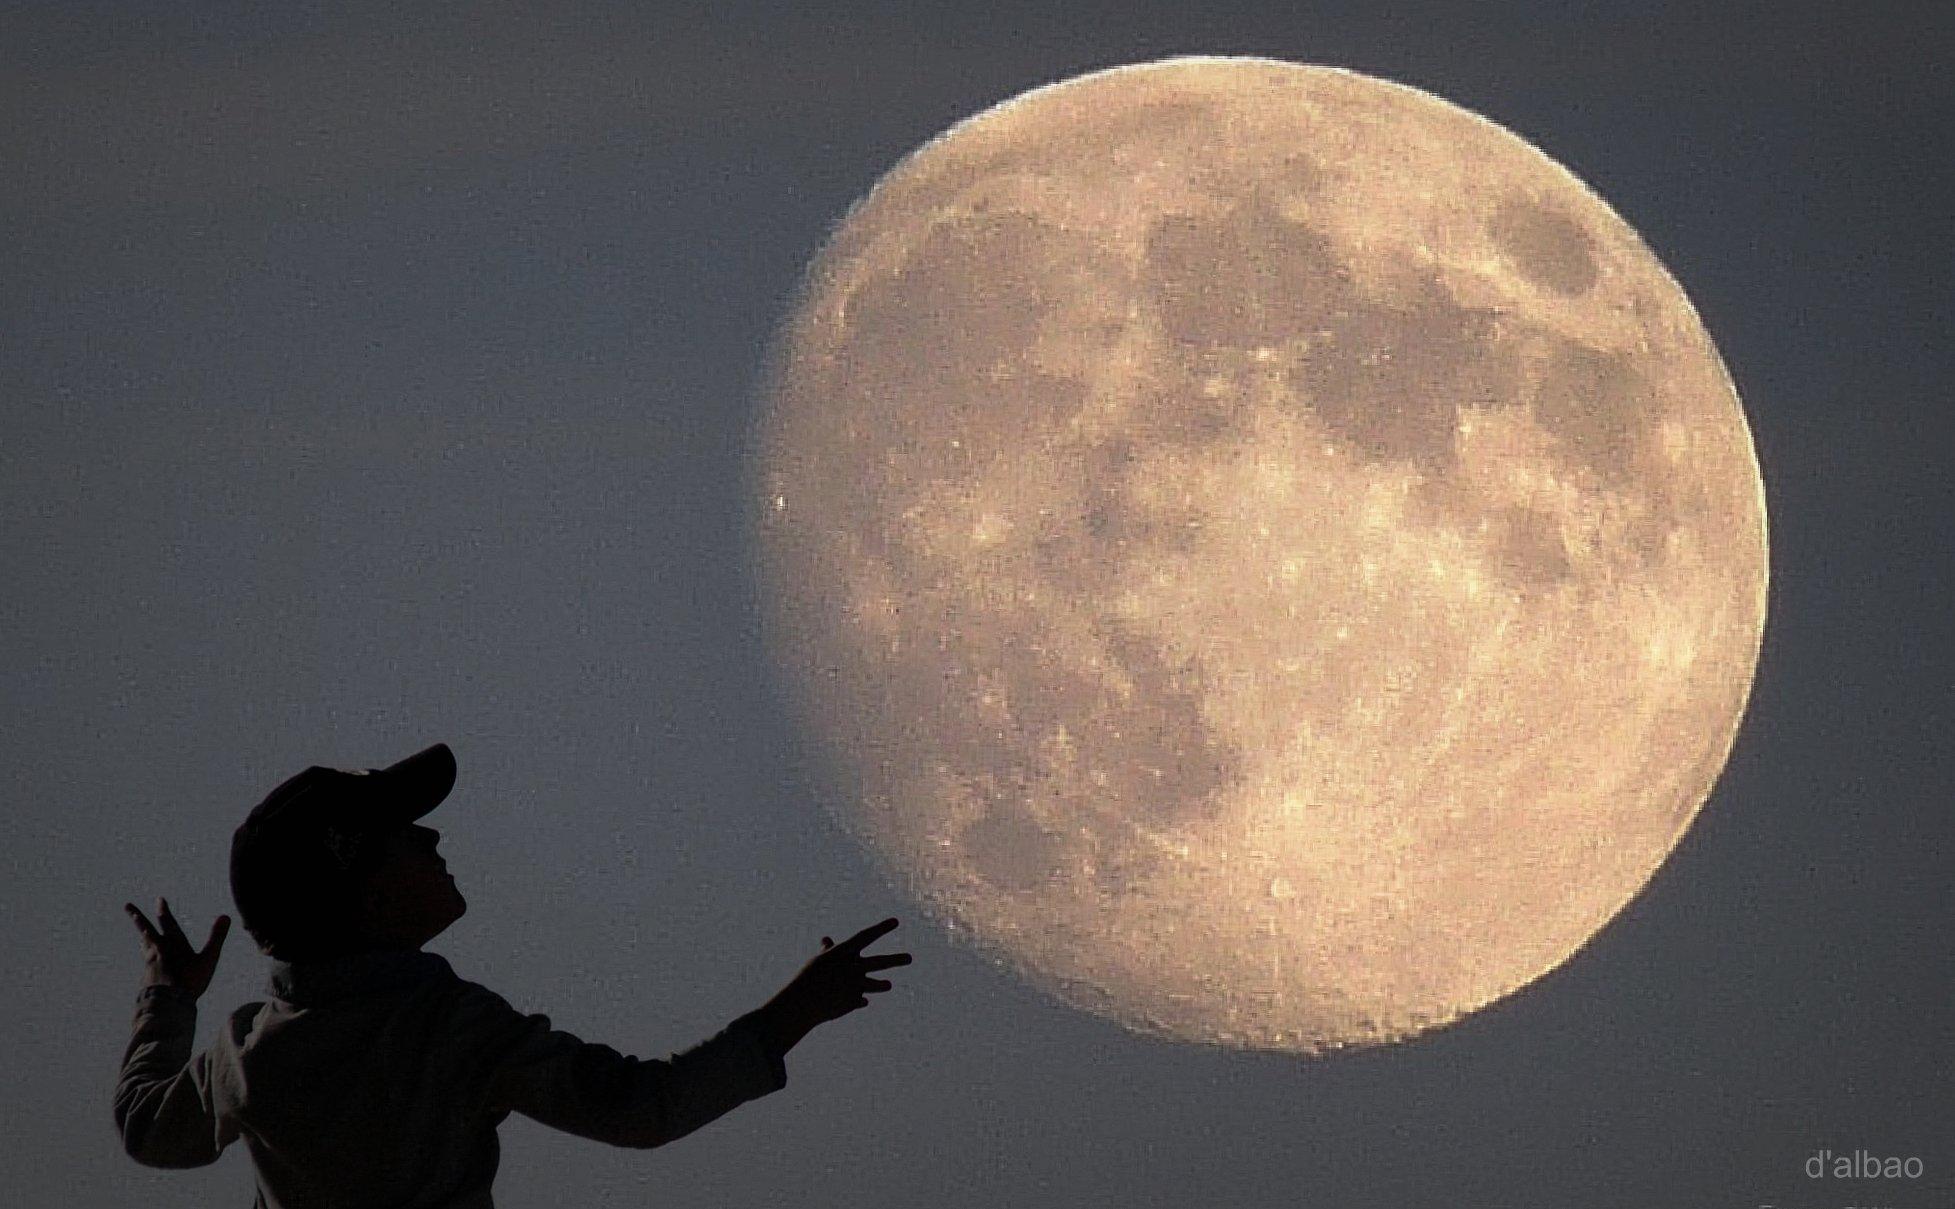 картинки на аву с луной для пацанов концерте тогда